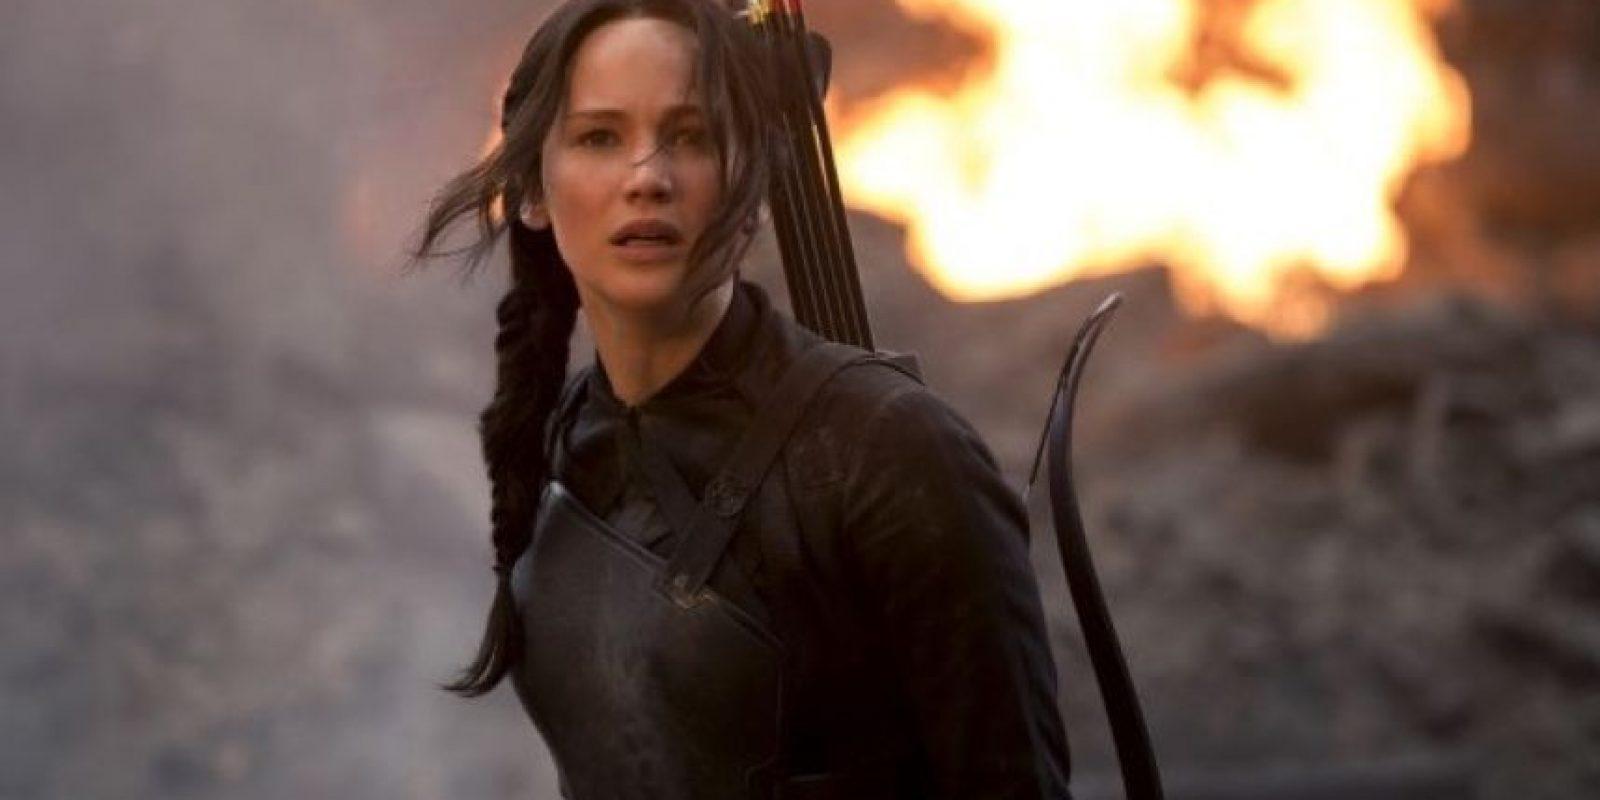 """Jennifer Lawrence casi se ahoga durante las grabaciones de """"Los Juegos del Hambre: Sinsajo parte 1"""", luego de que una máquina de humo descompuesta expulsara grandes cantidades que la dejaron atrapada en un túnel. Foto:Lionsgate"""